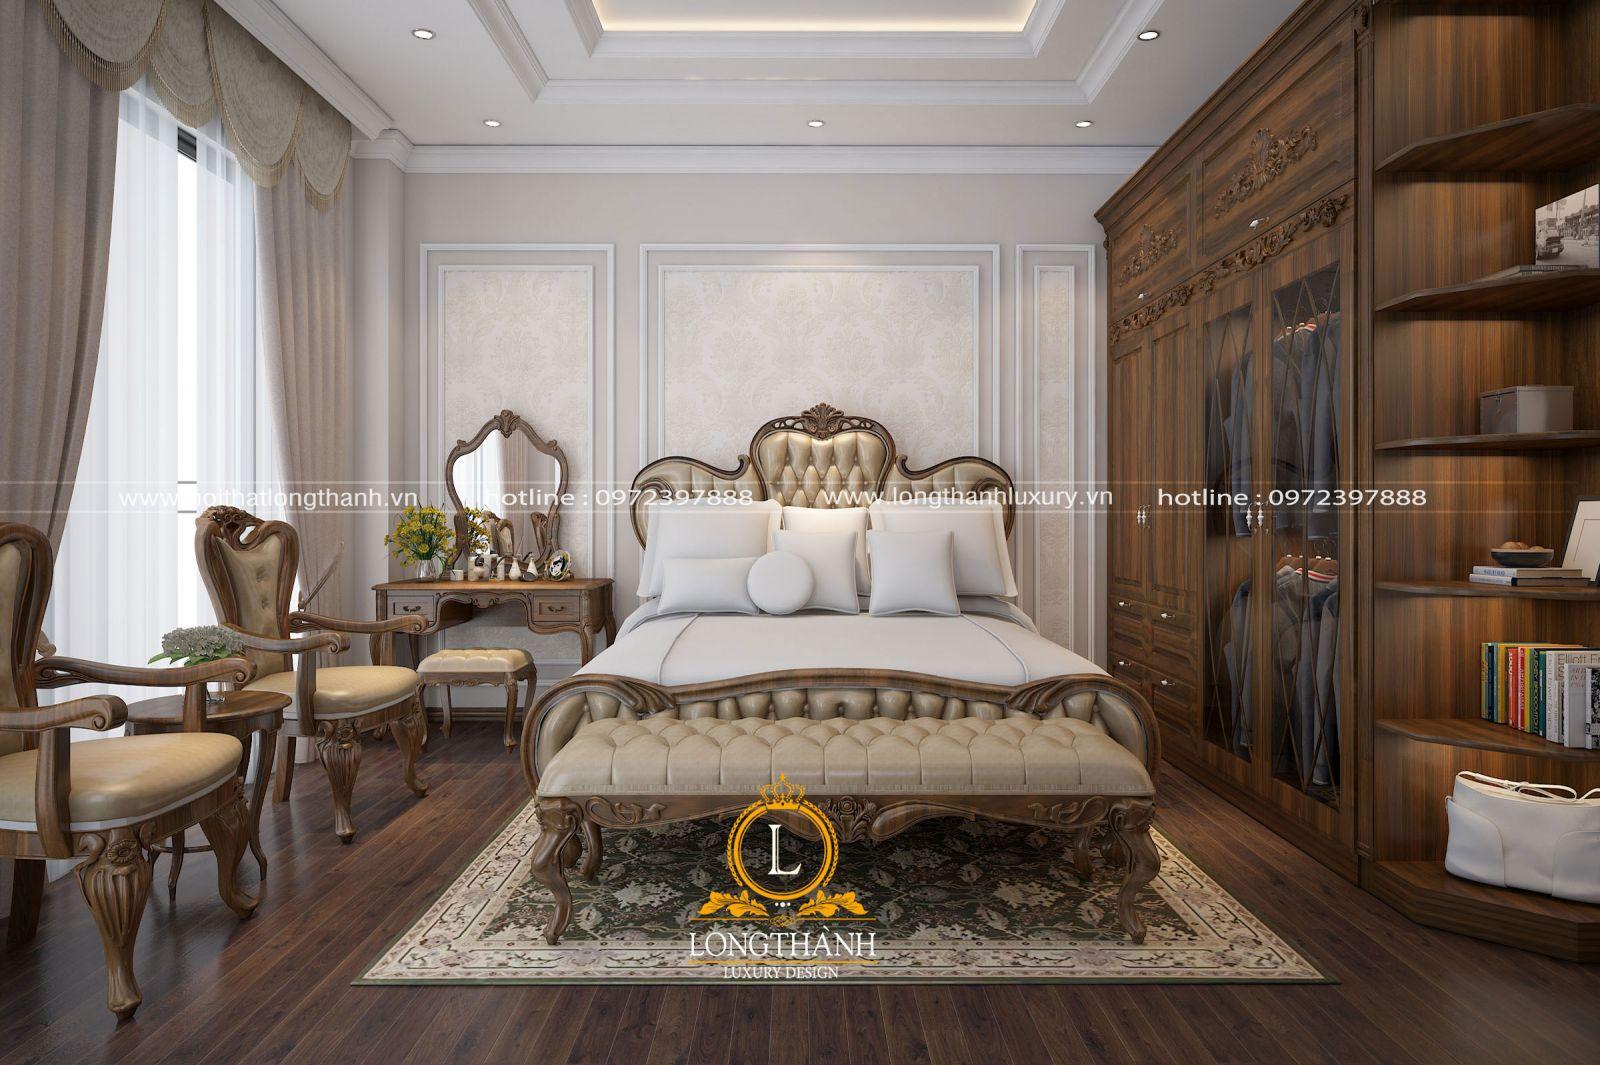 Tổng thể không gian nội thất tân cổ điển gỗ Óc chó cho nhà biệt thự